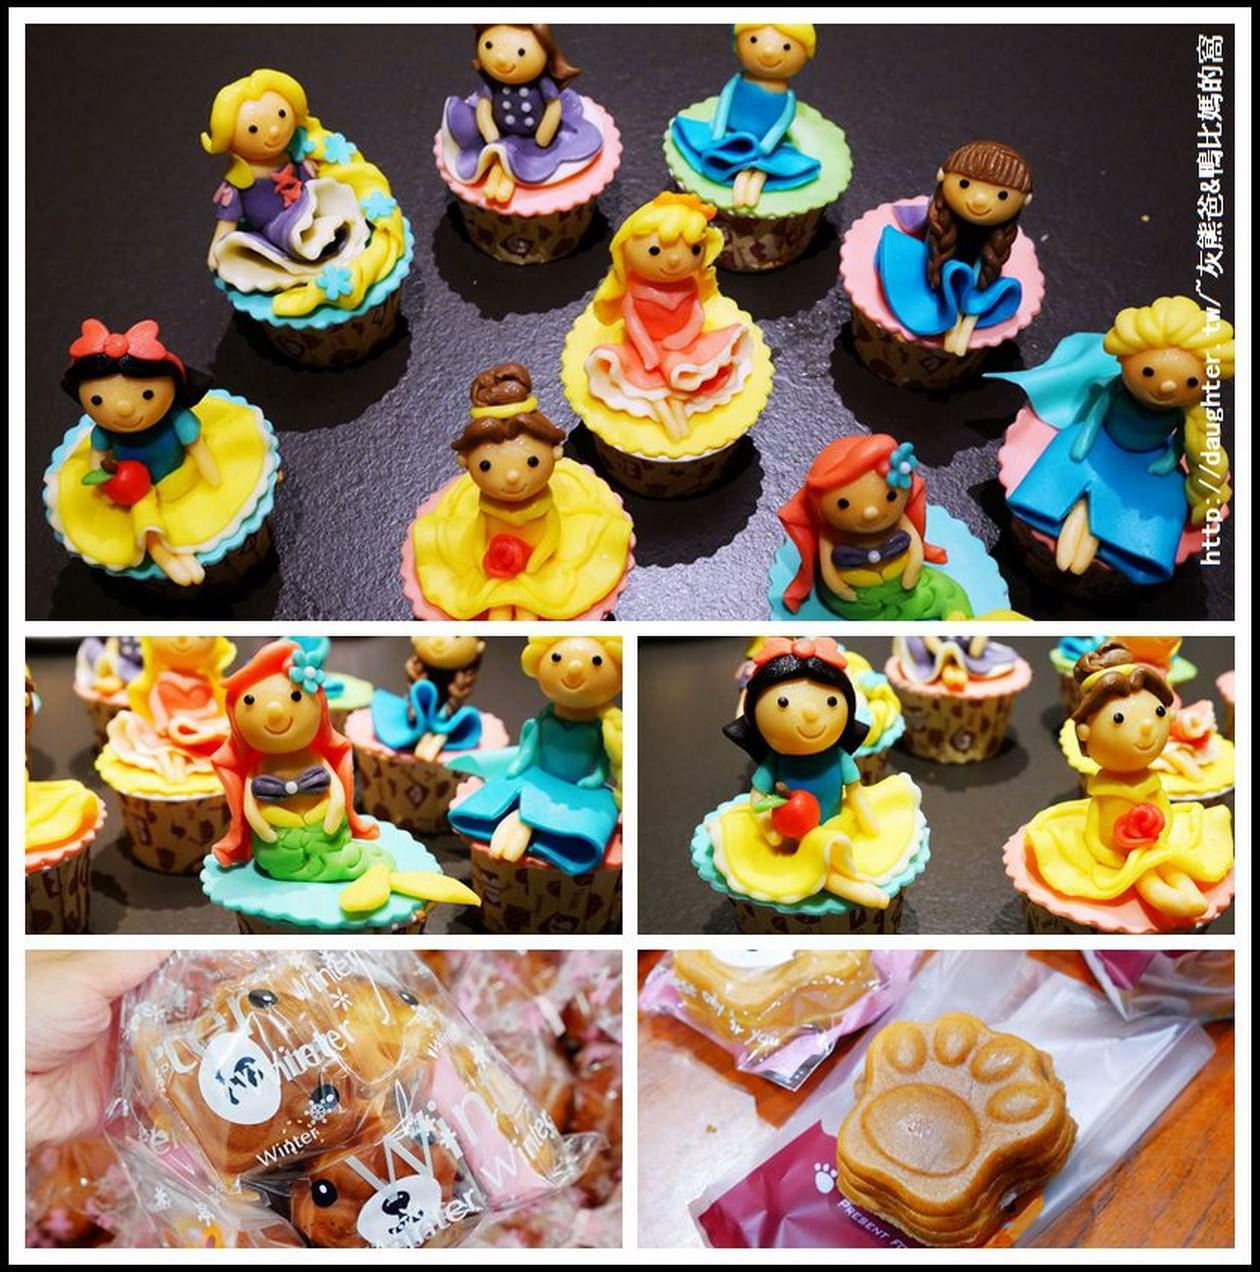 生日蛋糕&生日小物【小啾媽麻造型蛋糕與幸福甜點】&【萌萌噠熊掌燒】